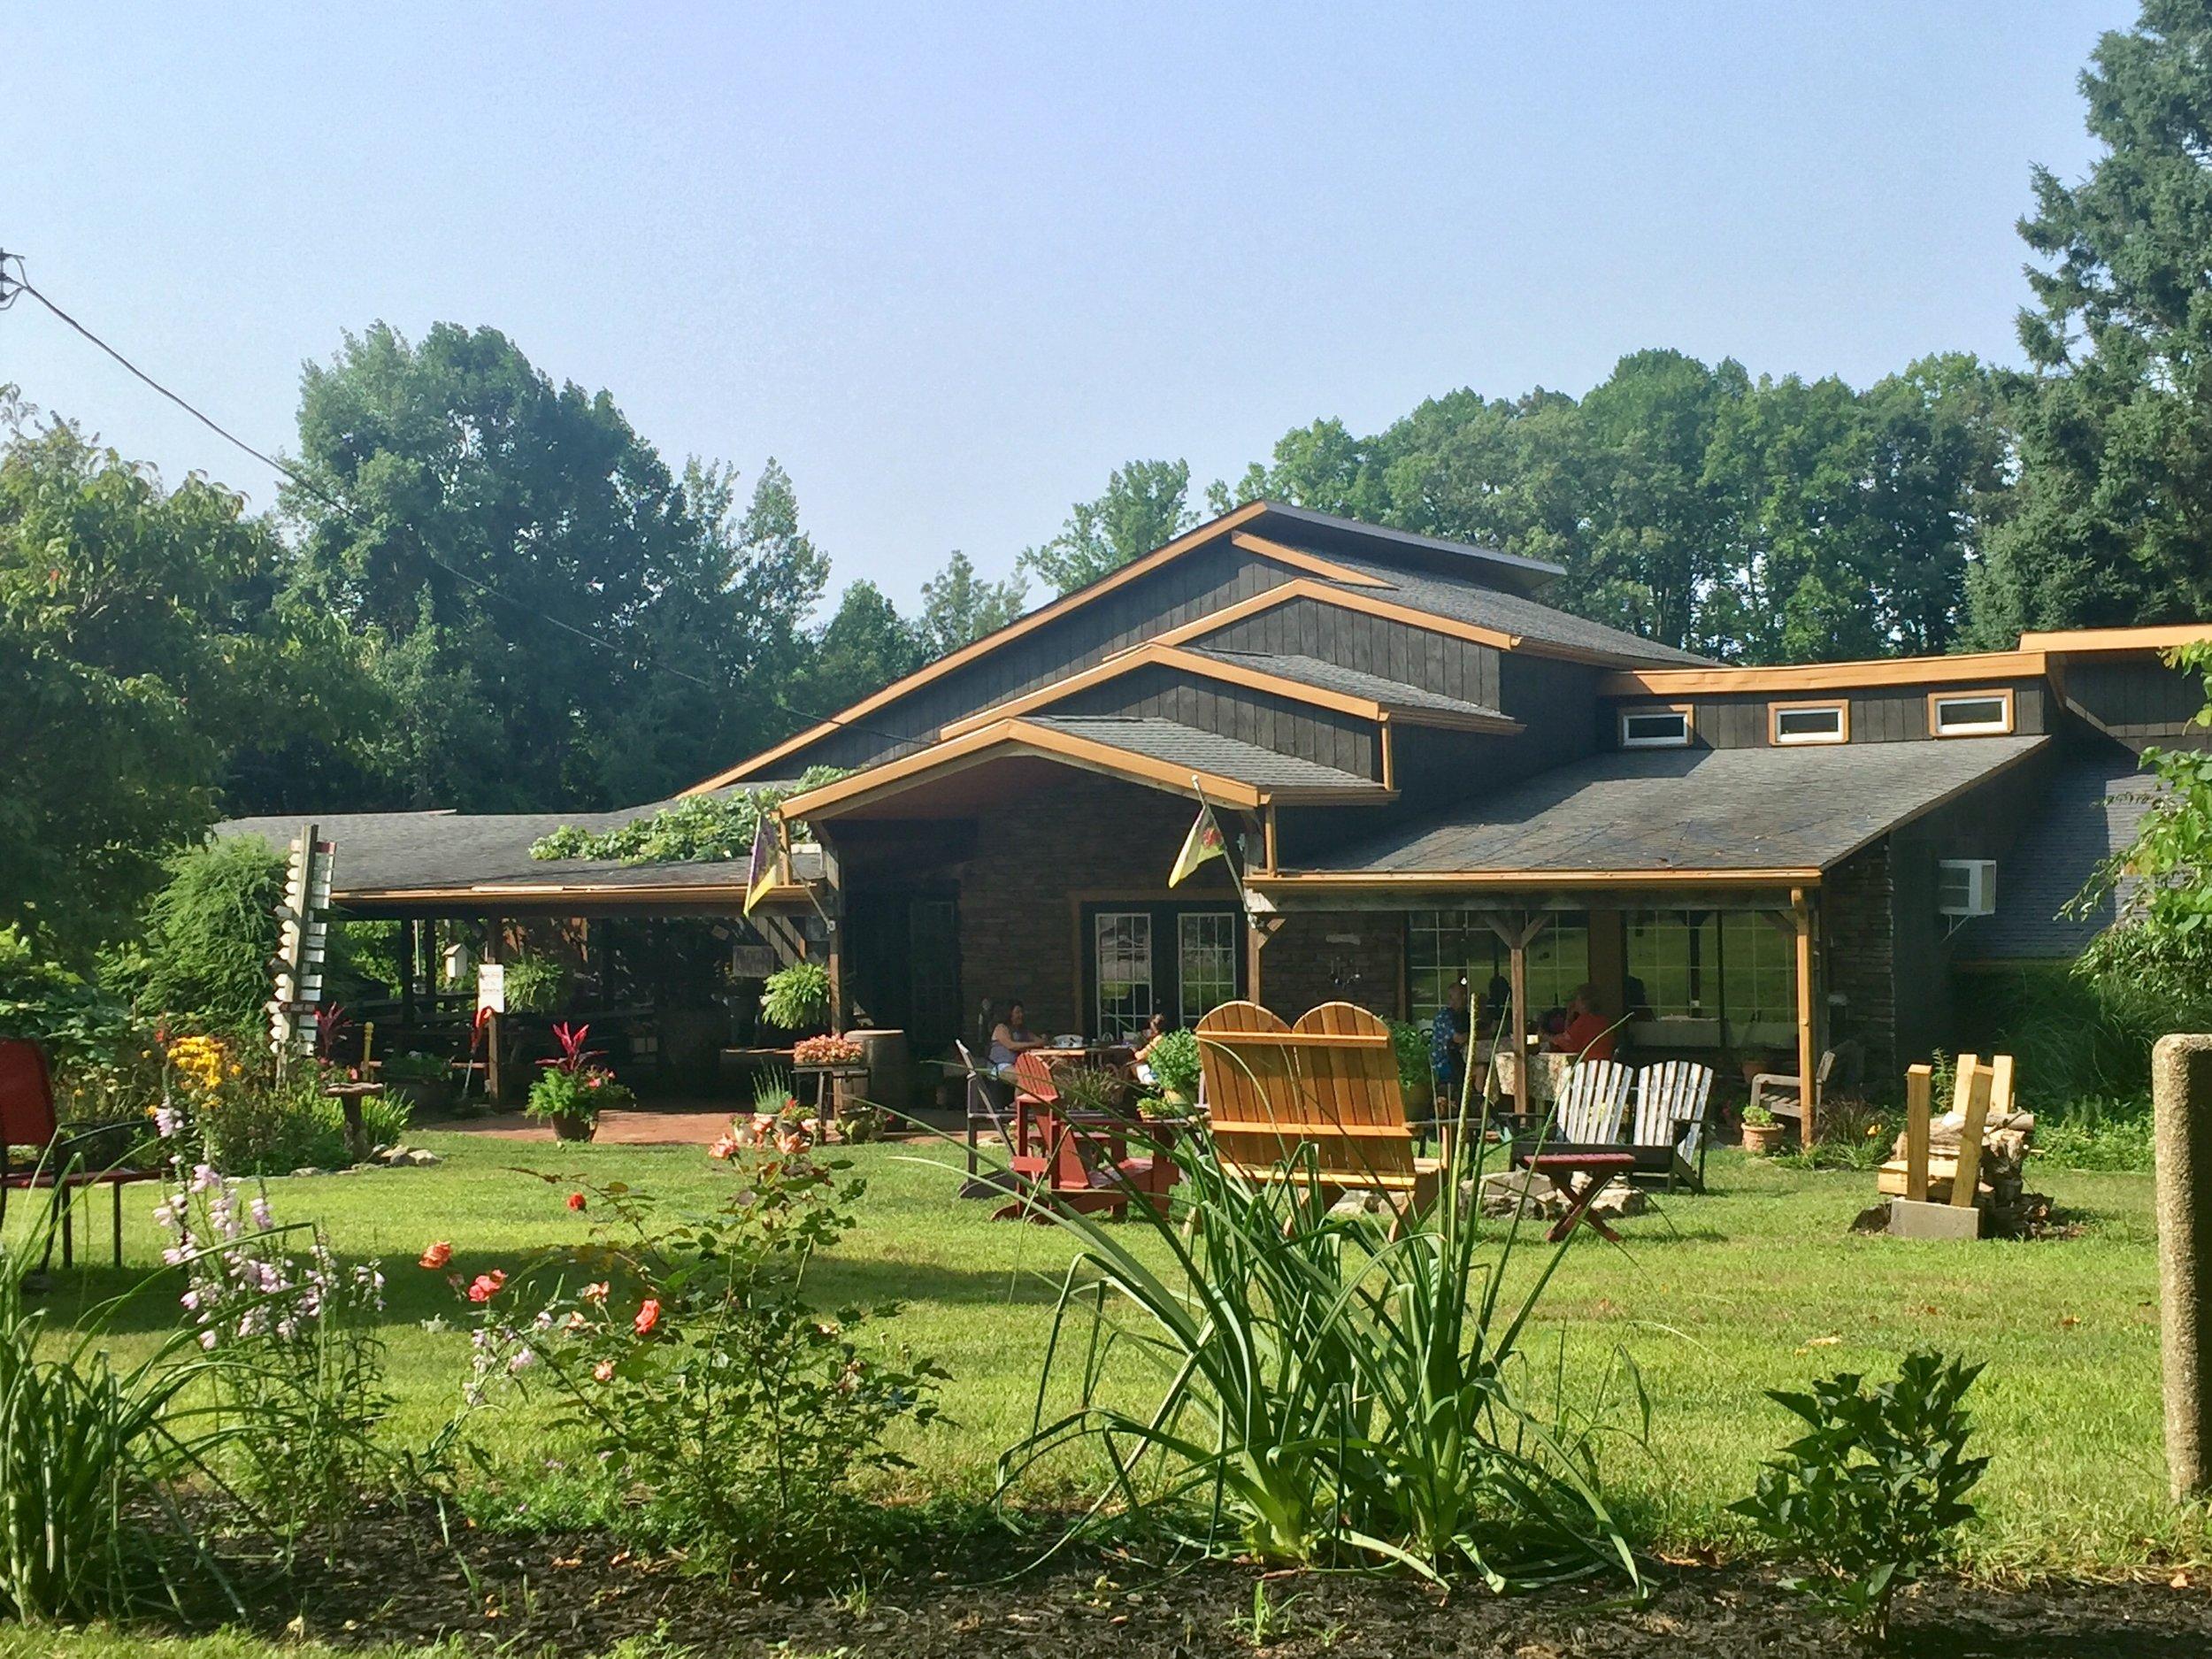 - 518 Gore Road Conneaut,, Ohio 440301Click for Map(440) 593-5976bucciavineyard.comVines & Wines Wine TrailAshtabula County